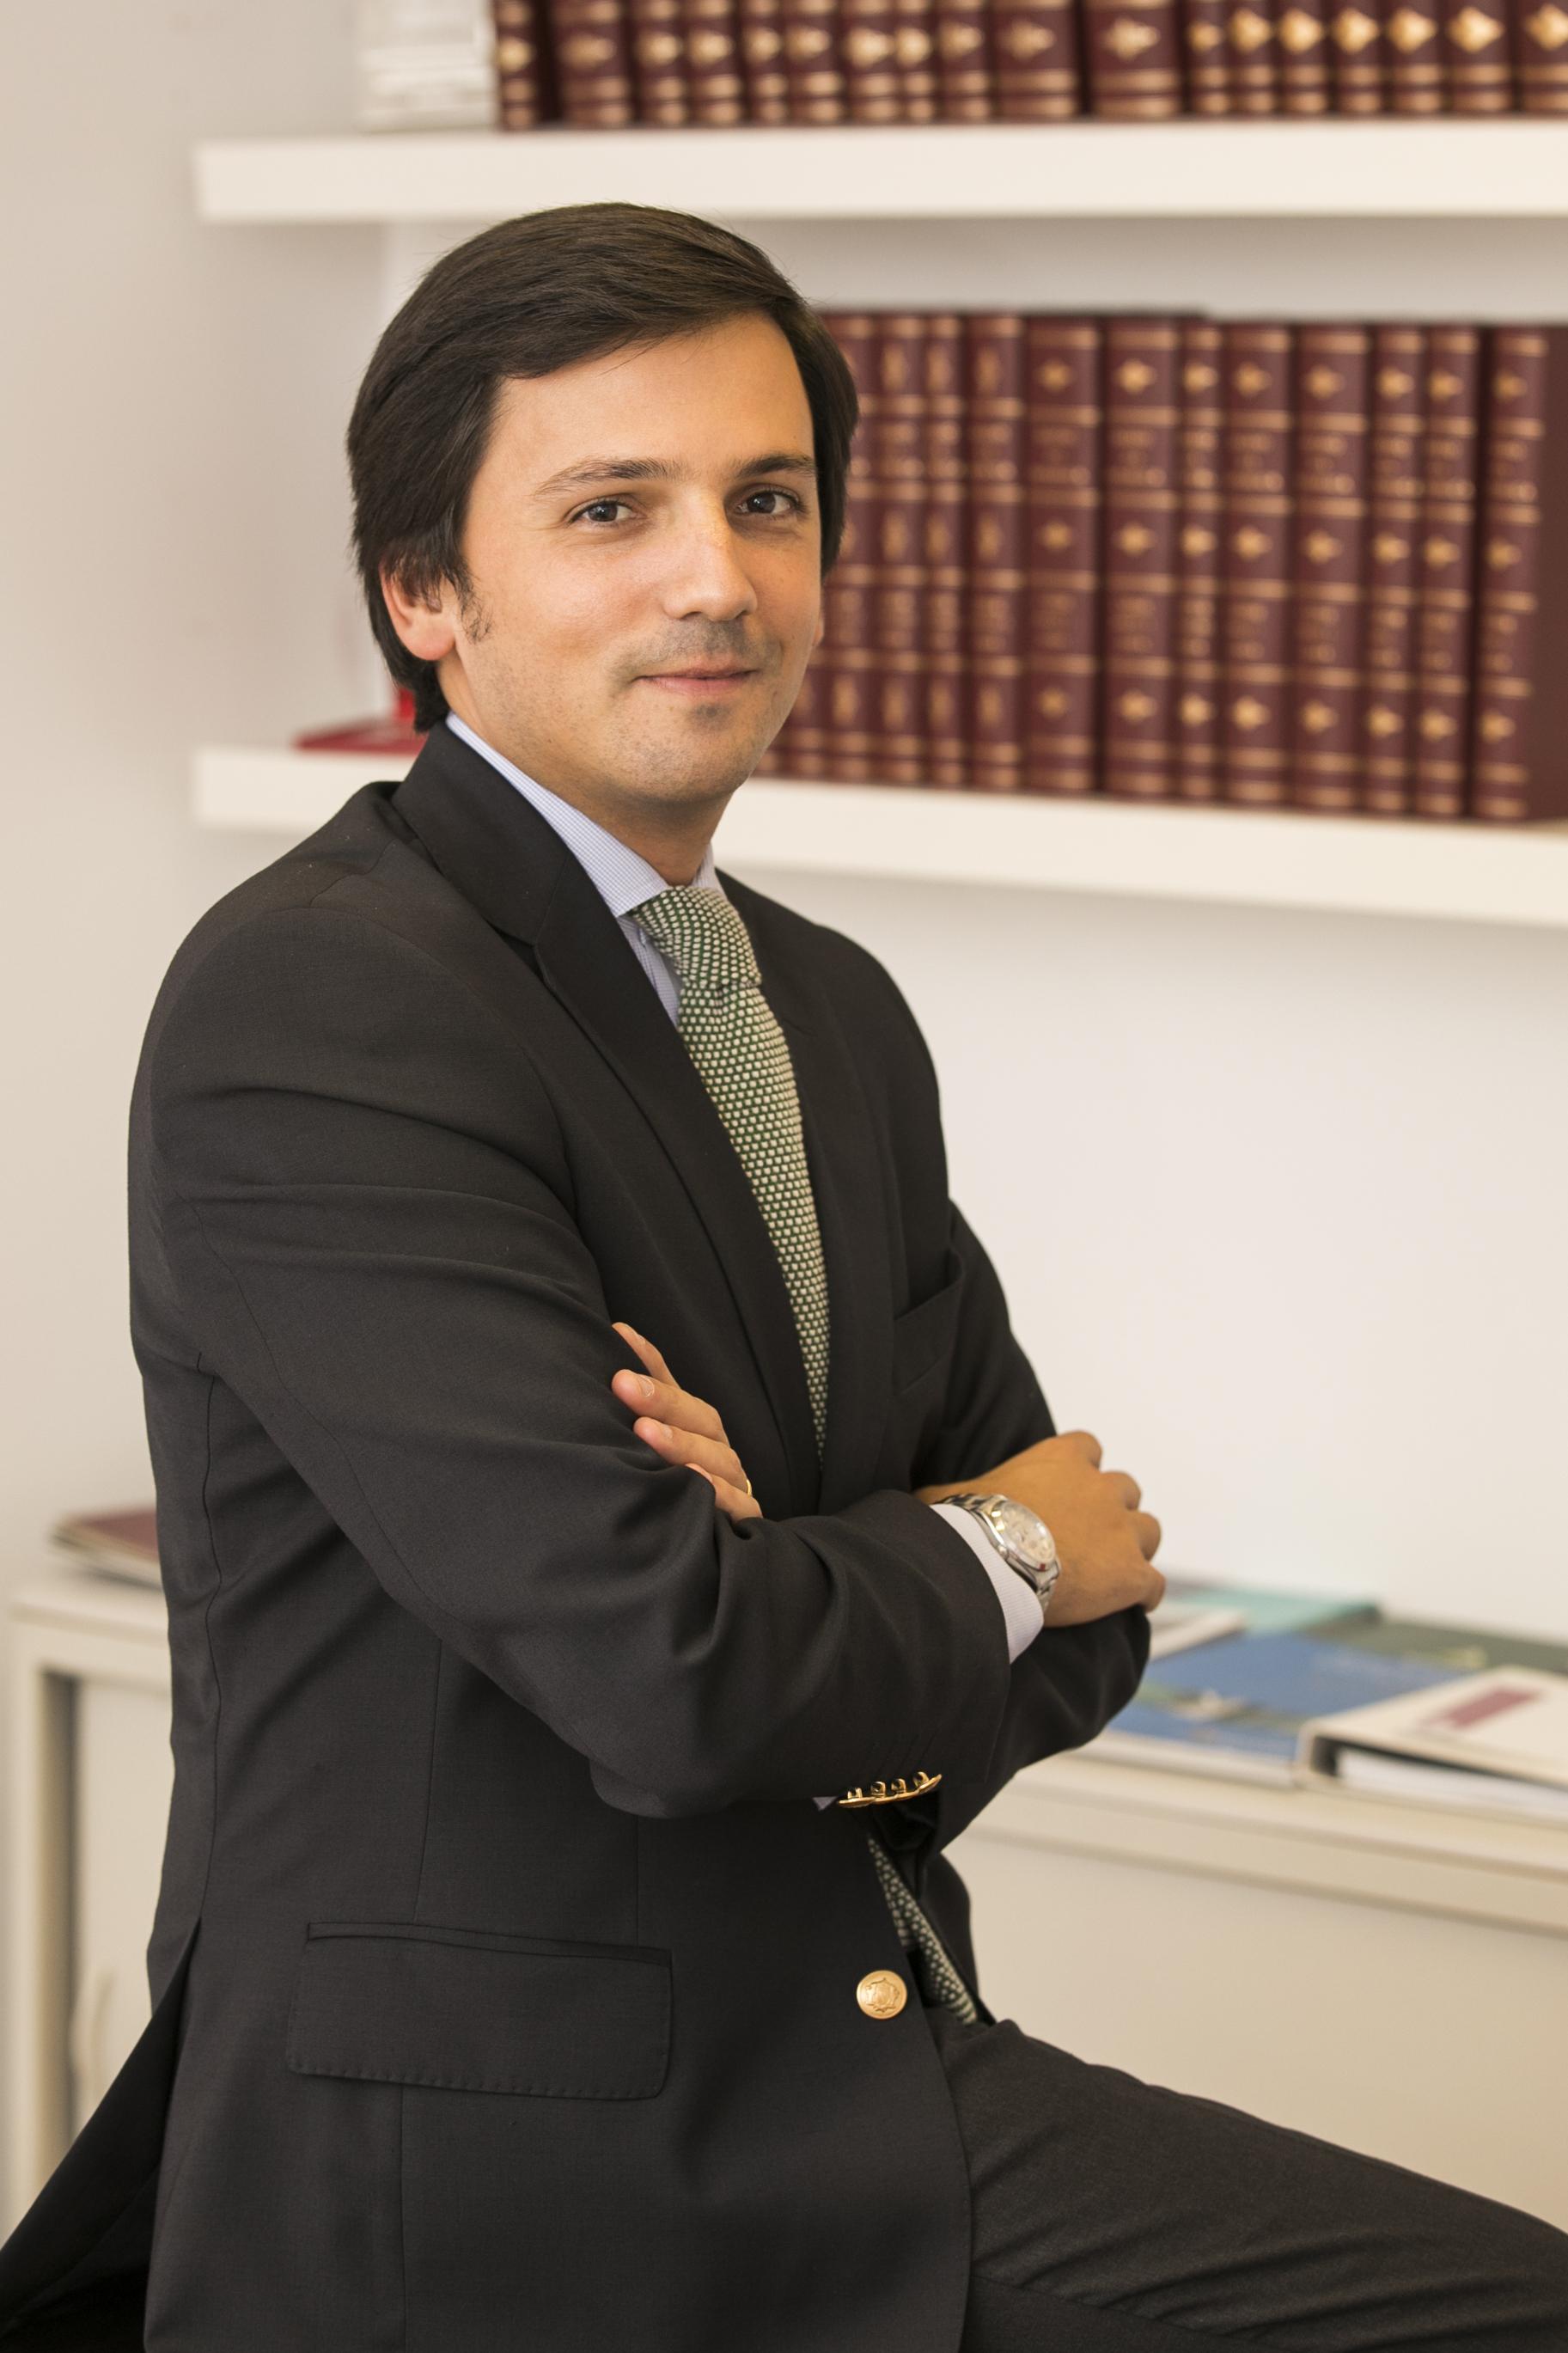 Hugo Santos Ferreira, APPII / Rui Lourenço